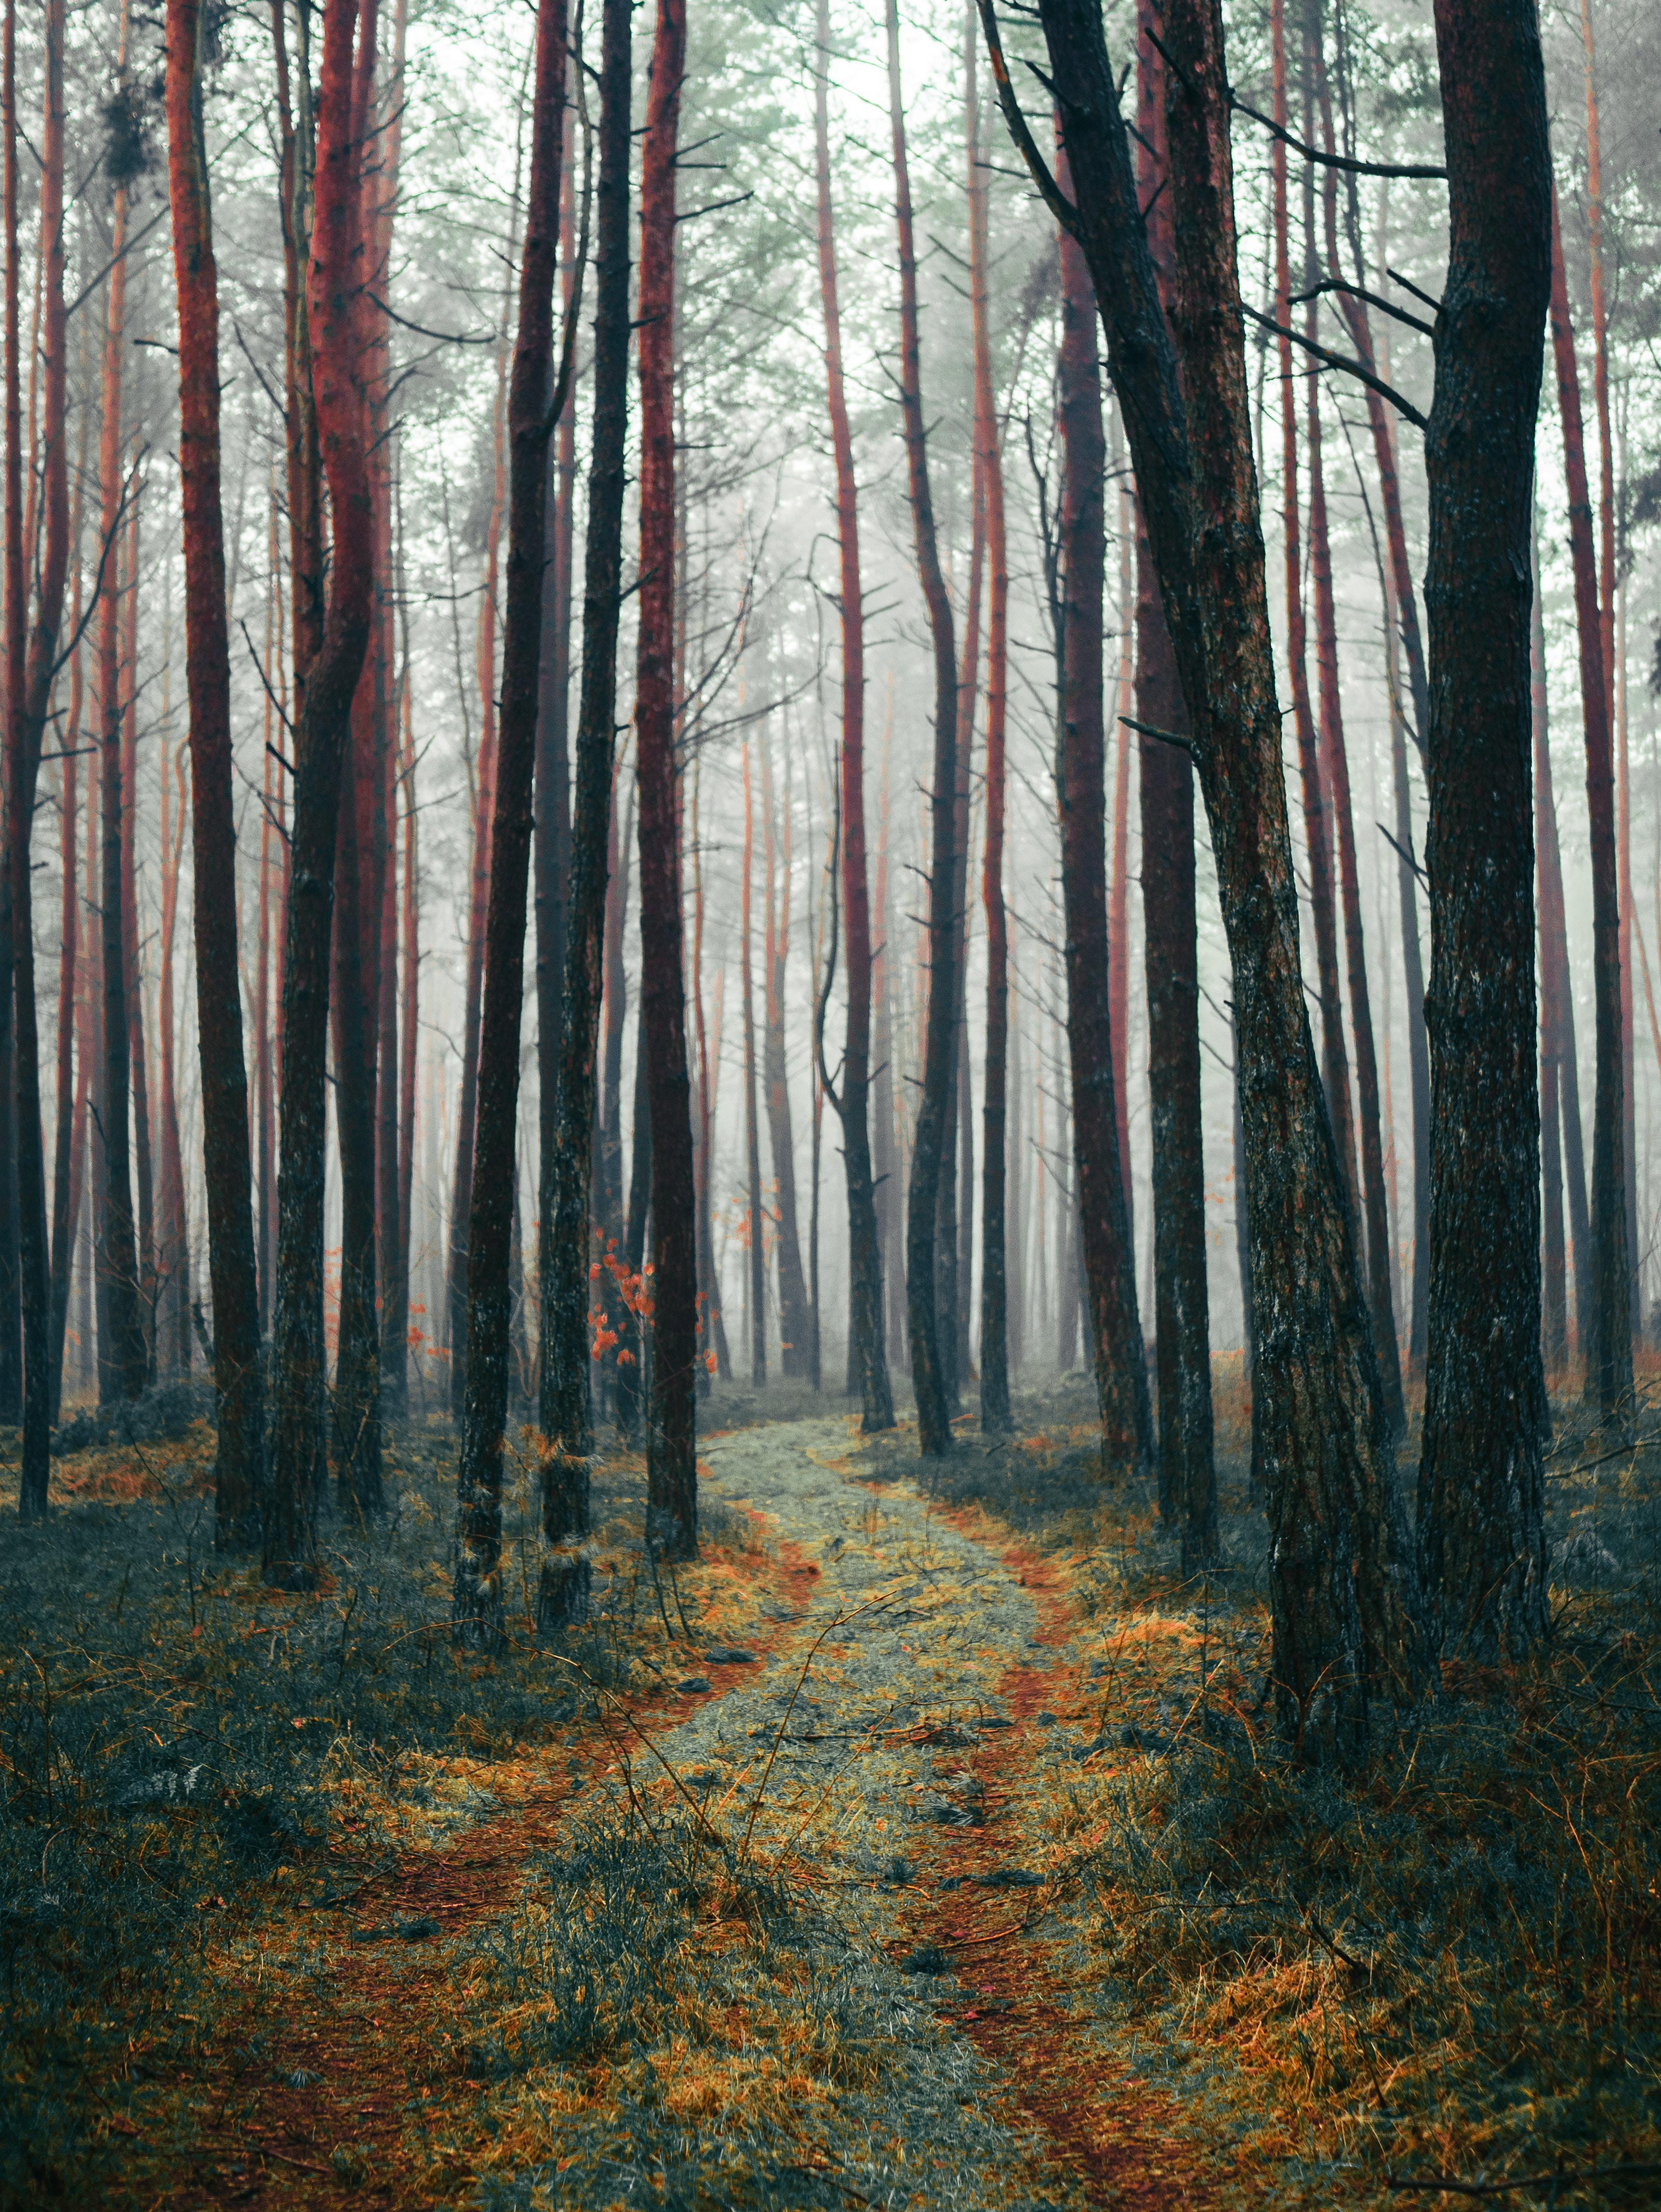 Uendelige skove